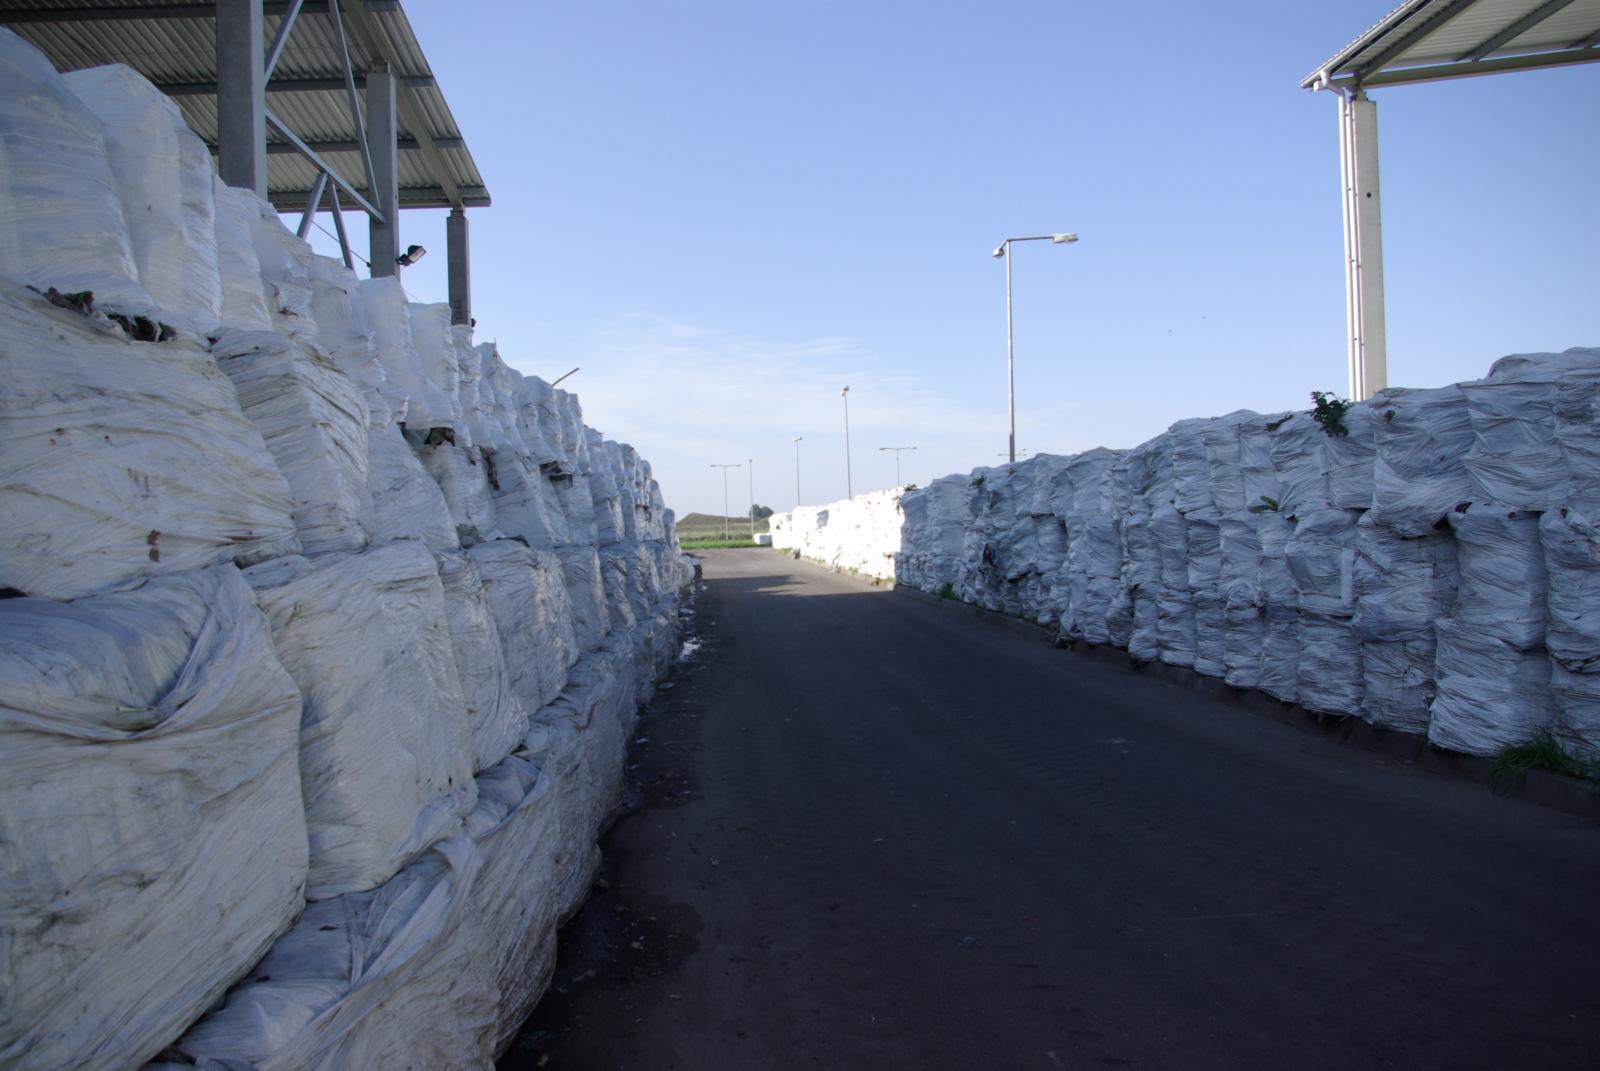 Marijampolei gresia ekologinė katastrofa: susikaupė virš 6 tūkst. tonų degių atliekų